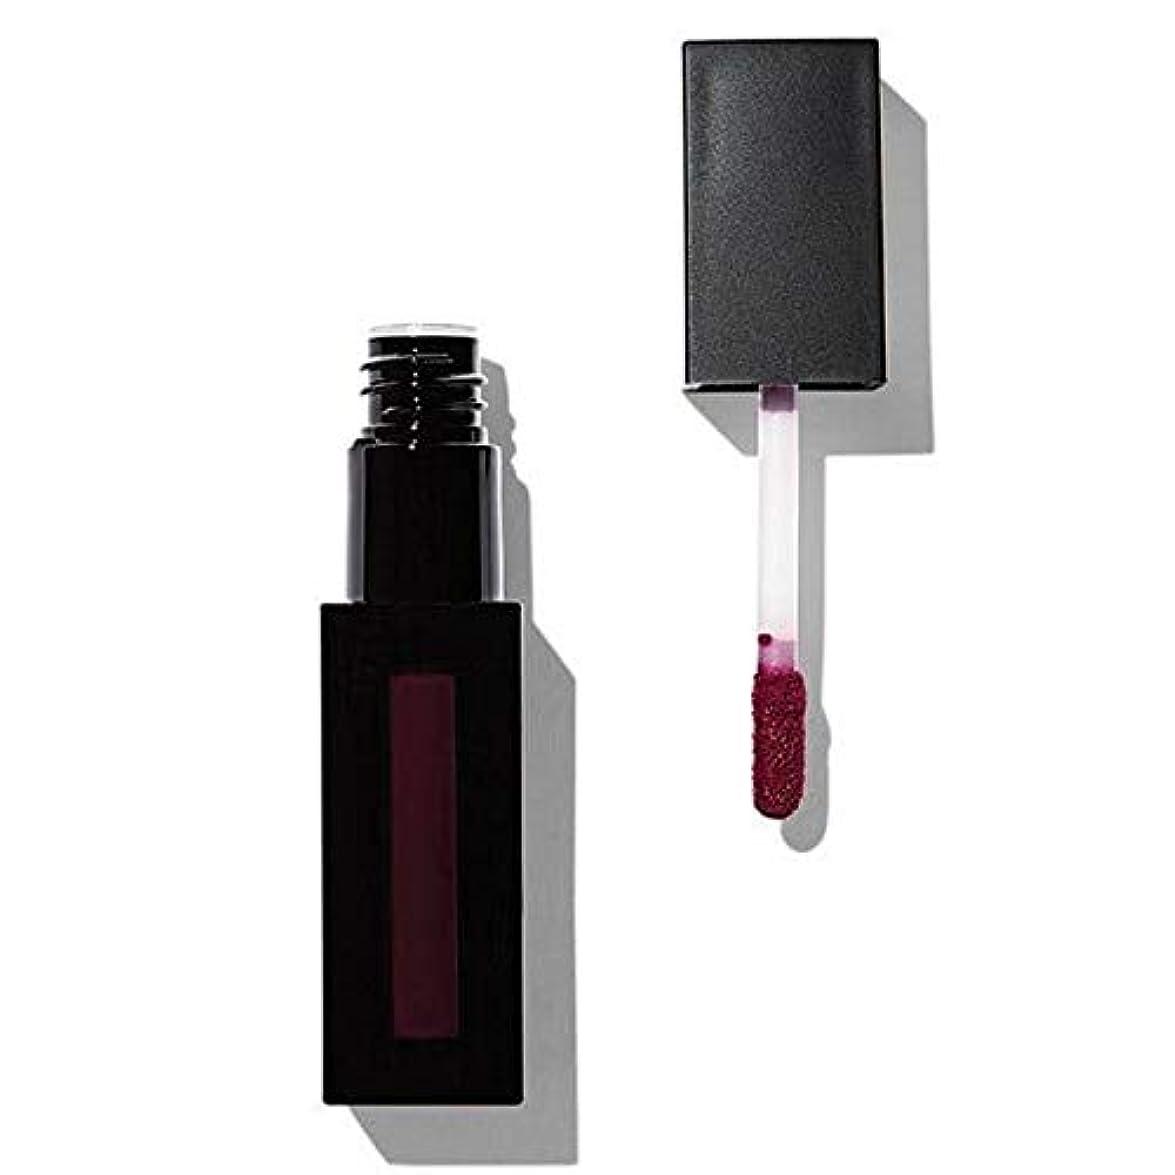 リングバック引き付けるセッティング[Revolution ] 革命プロ最高のマットリップ顔料勘 - Revolution Pro Supreme Matte Lip Pigment Intuition [並行輸入品]